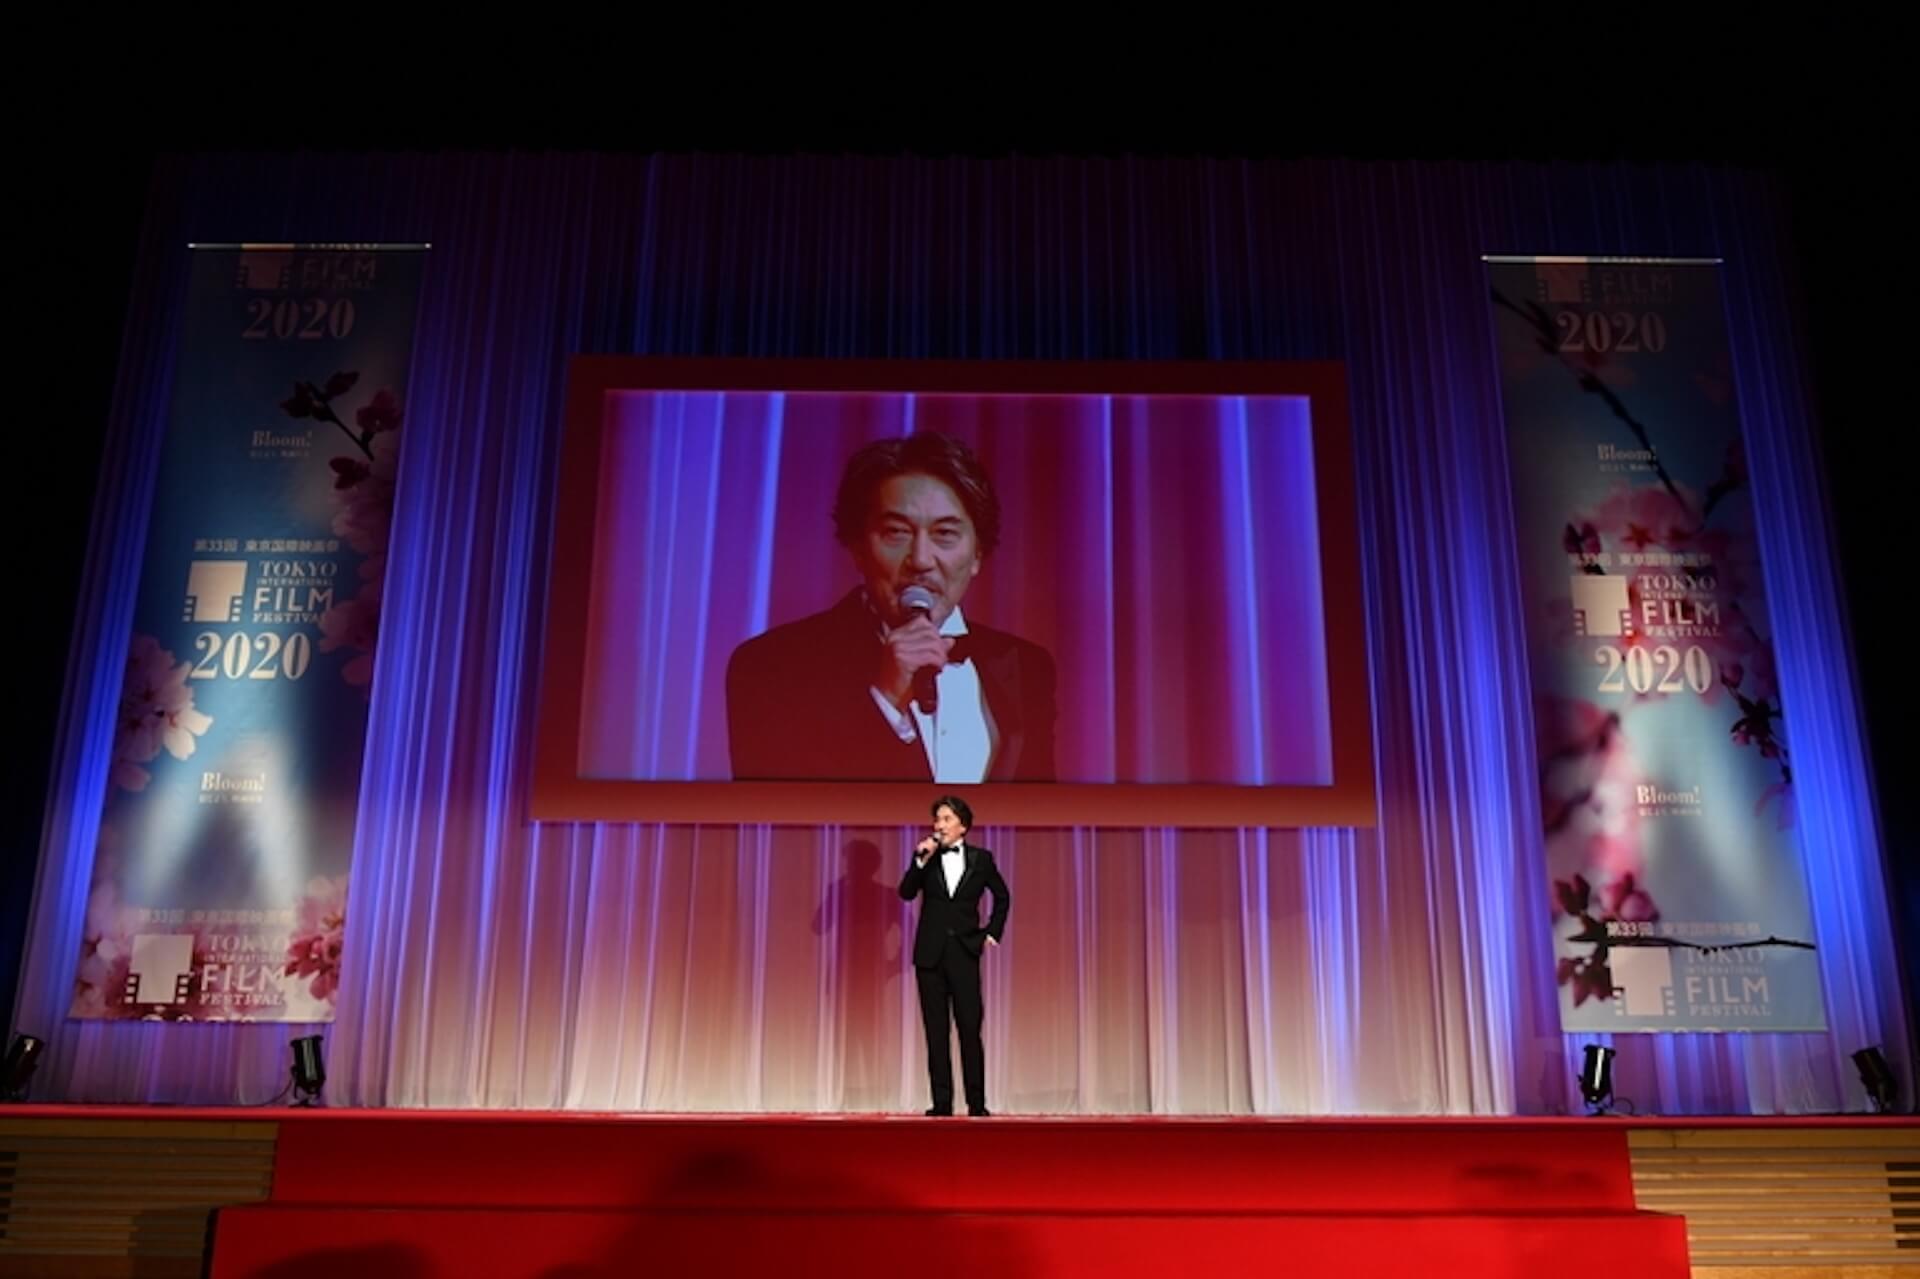 東京国際映画祭のクラウドファンディングが10月15日まで実施中!オープニングセレモニーに参加できるリターンも film211012_tiff-03